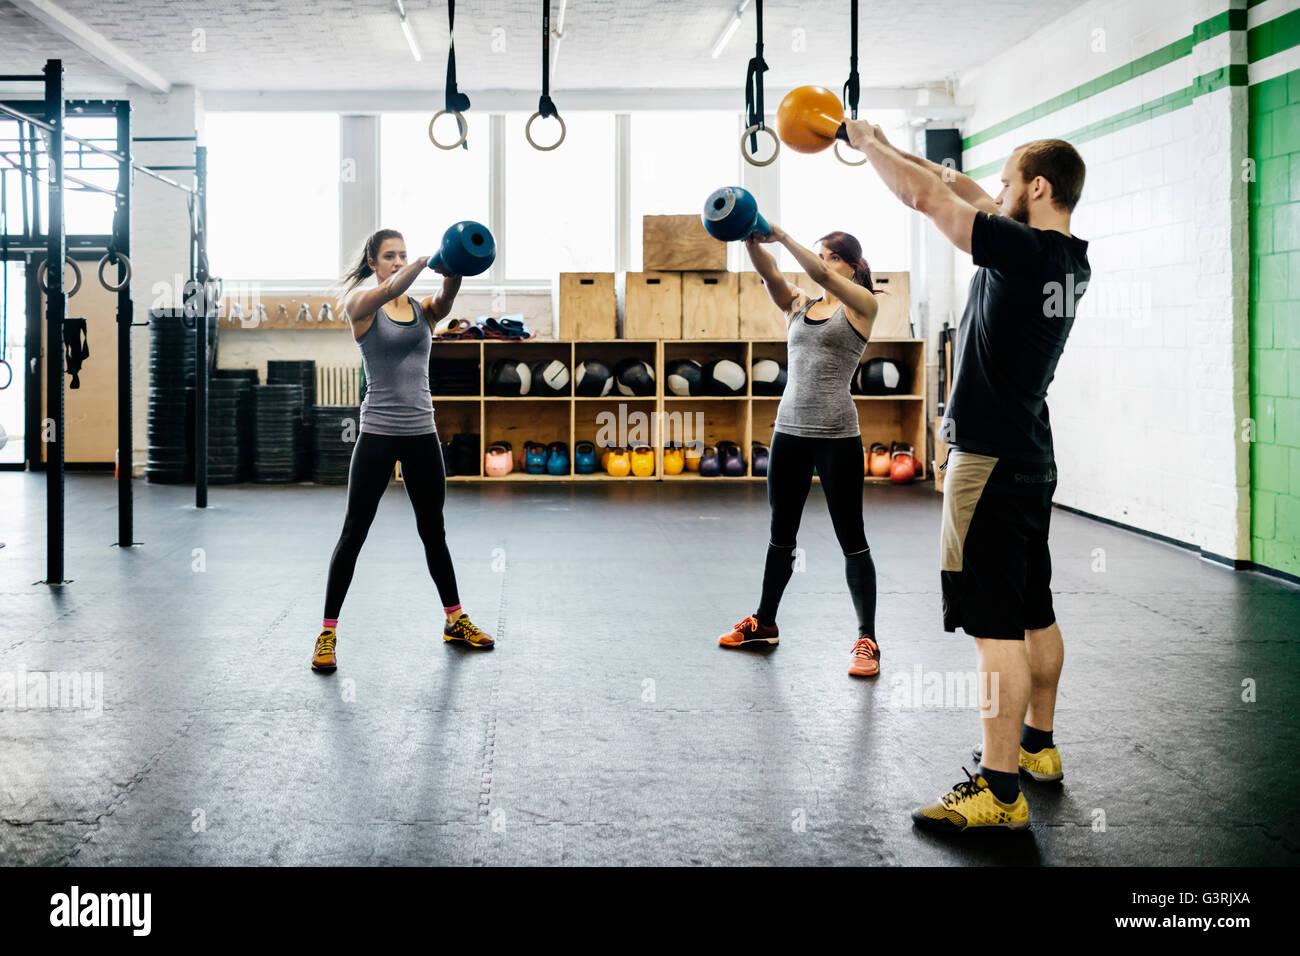 Germania, giovani donne e uomini kettlebells oscillanti in palestra Foto Stock